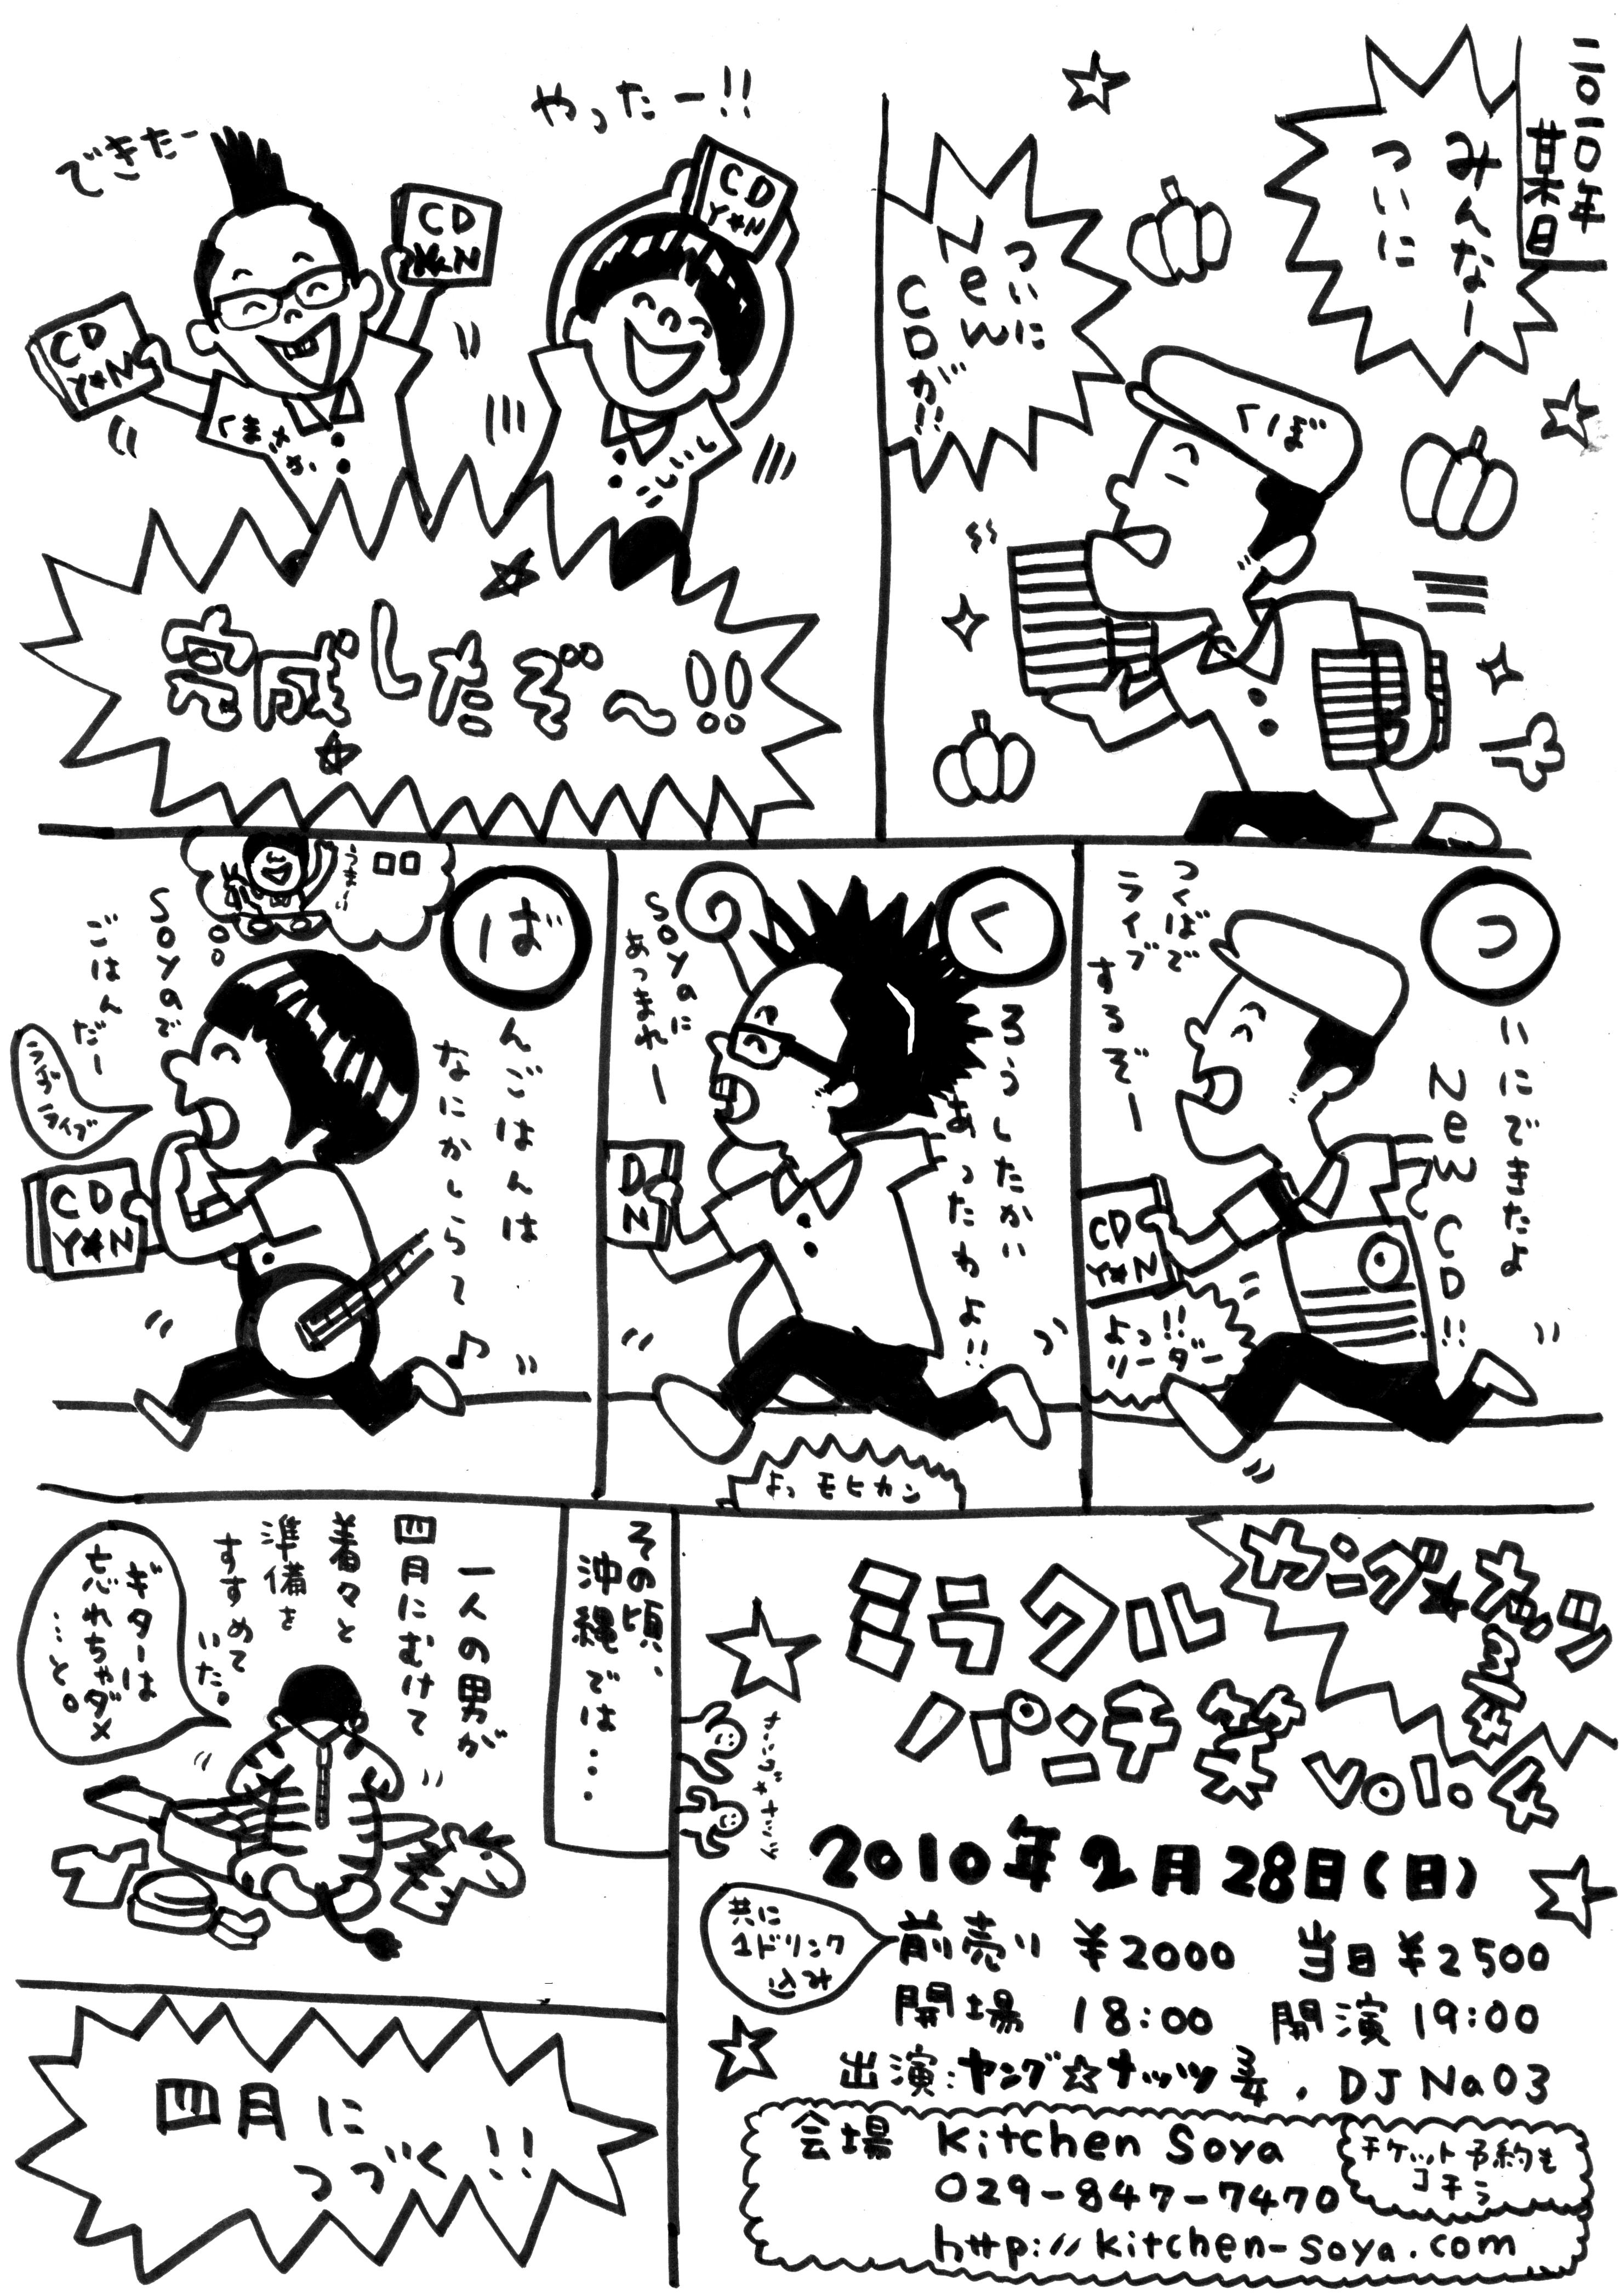 ヤング★ナッツ¾ミラクルパンチ笑 vol.4